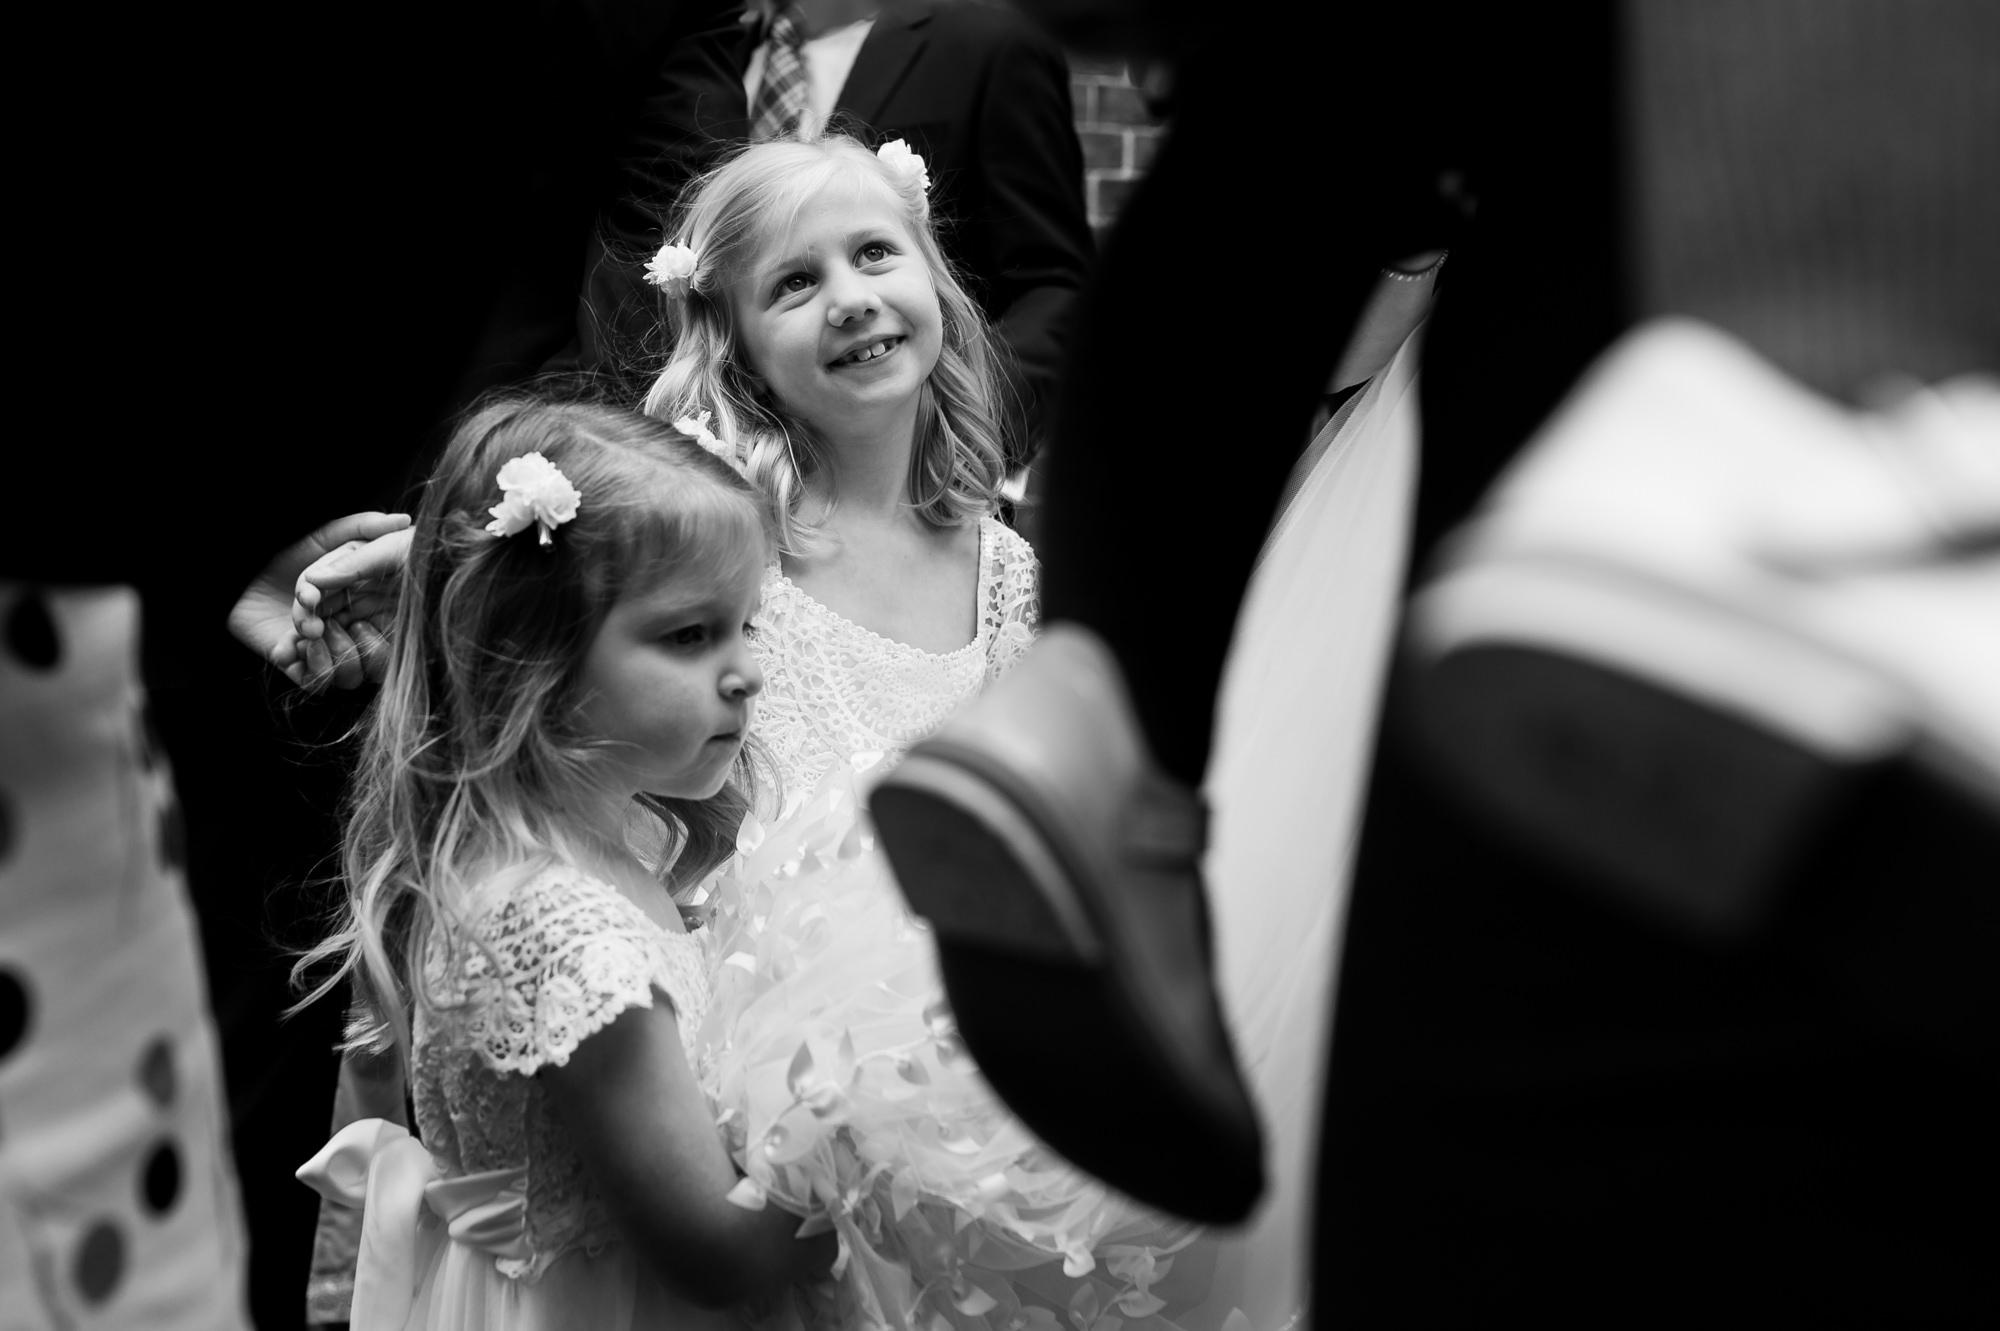 Beechfield house - Wiltshire weddings